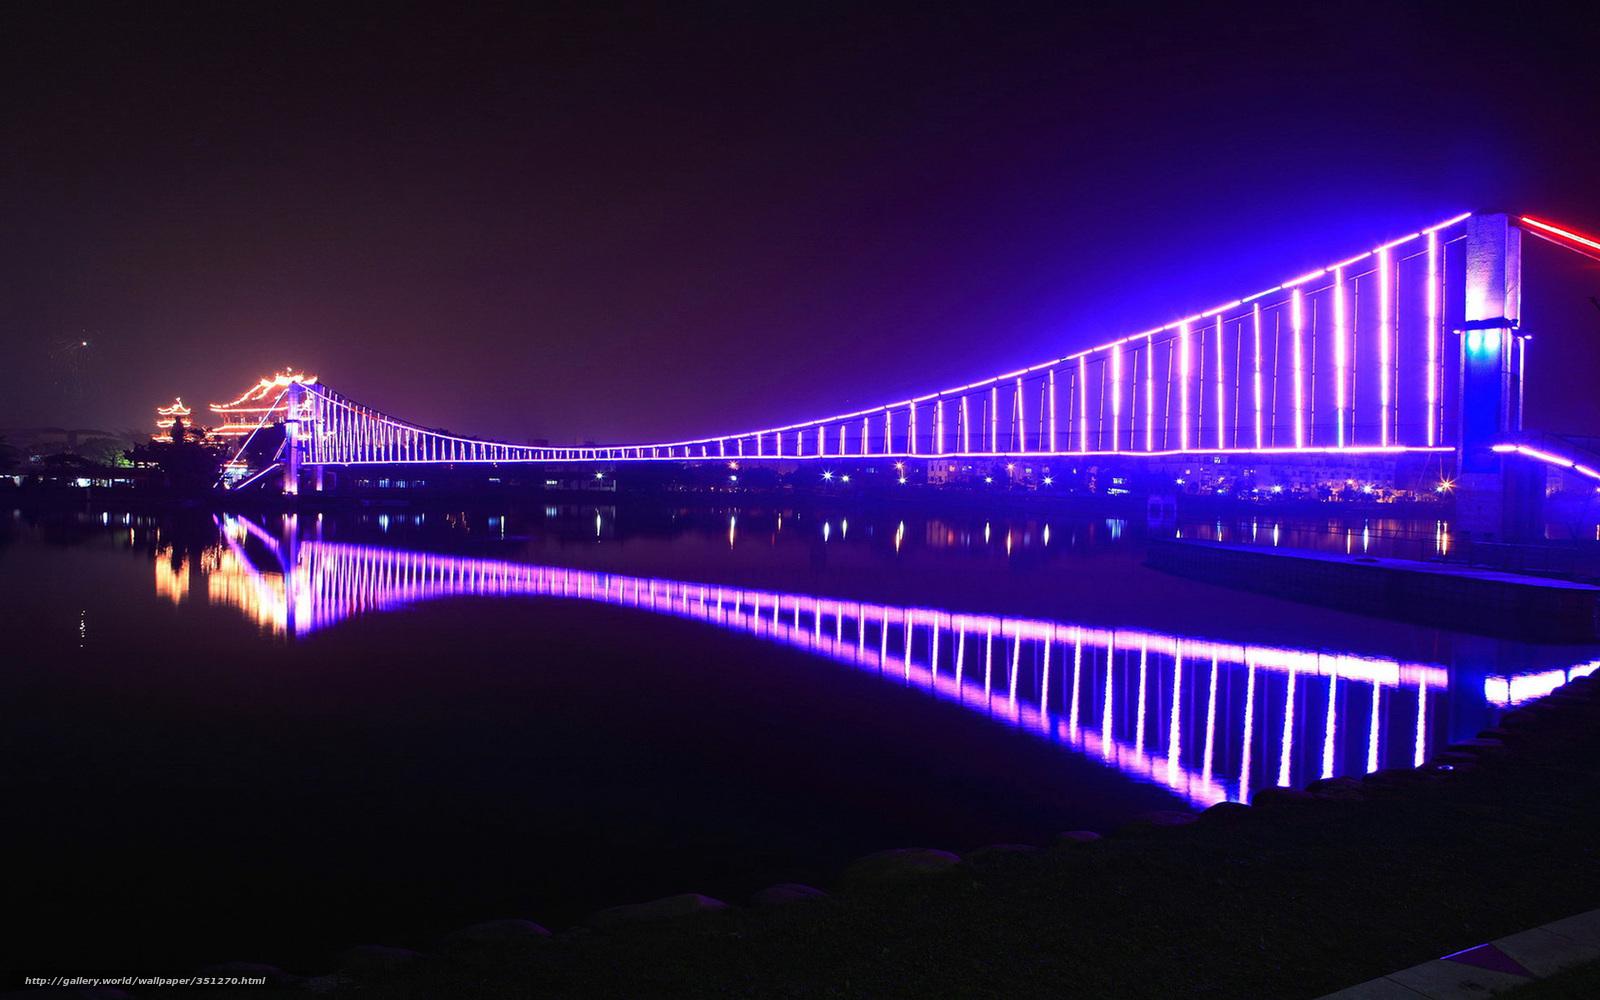 Скачать обои Город,  ночь,  мост,  огни бесплатно для рабочего стола в разрешении 1680x1050 — картинка №351270